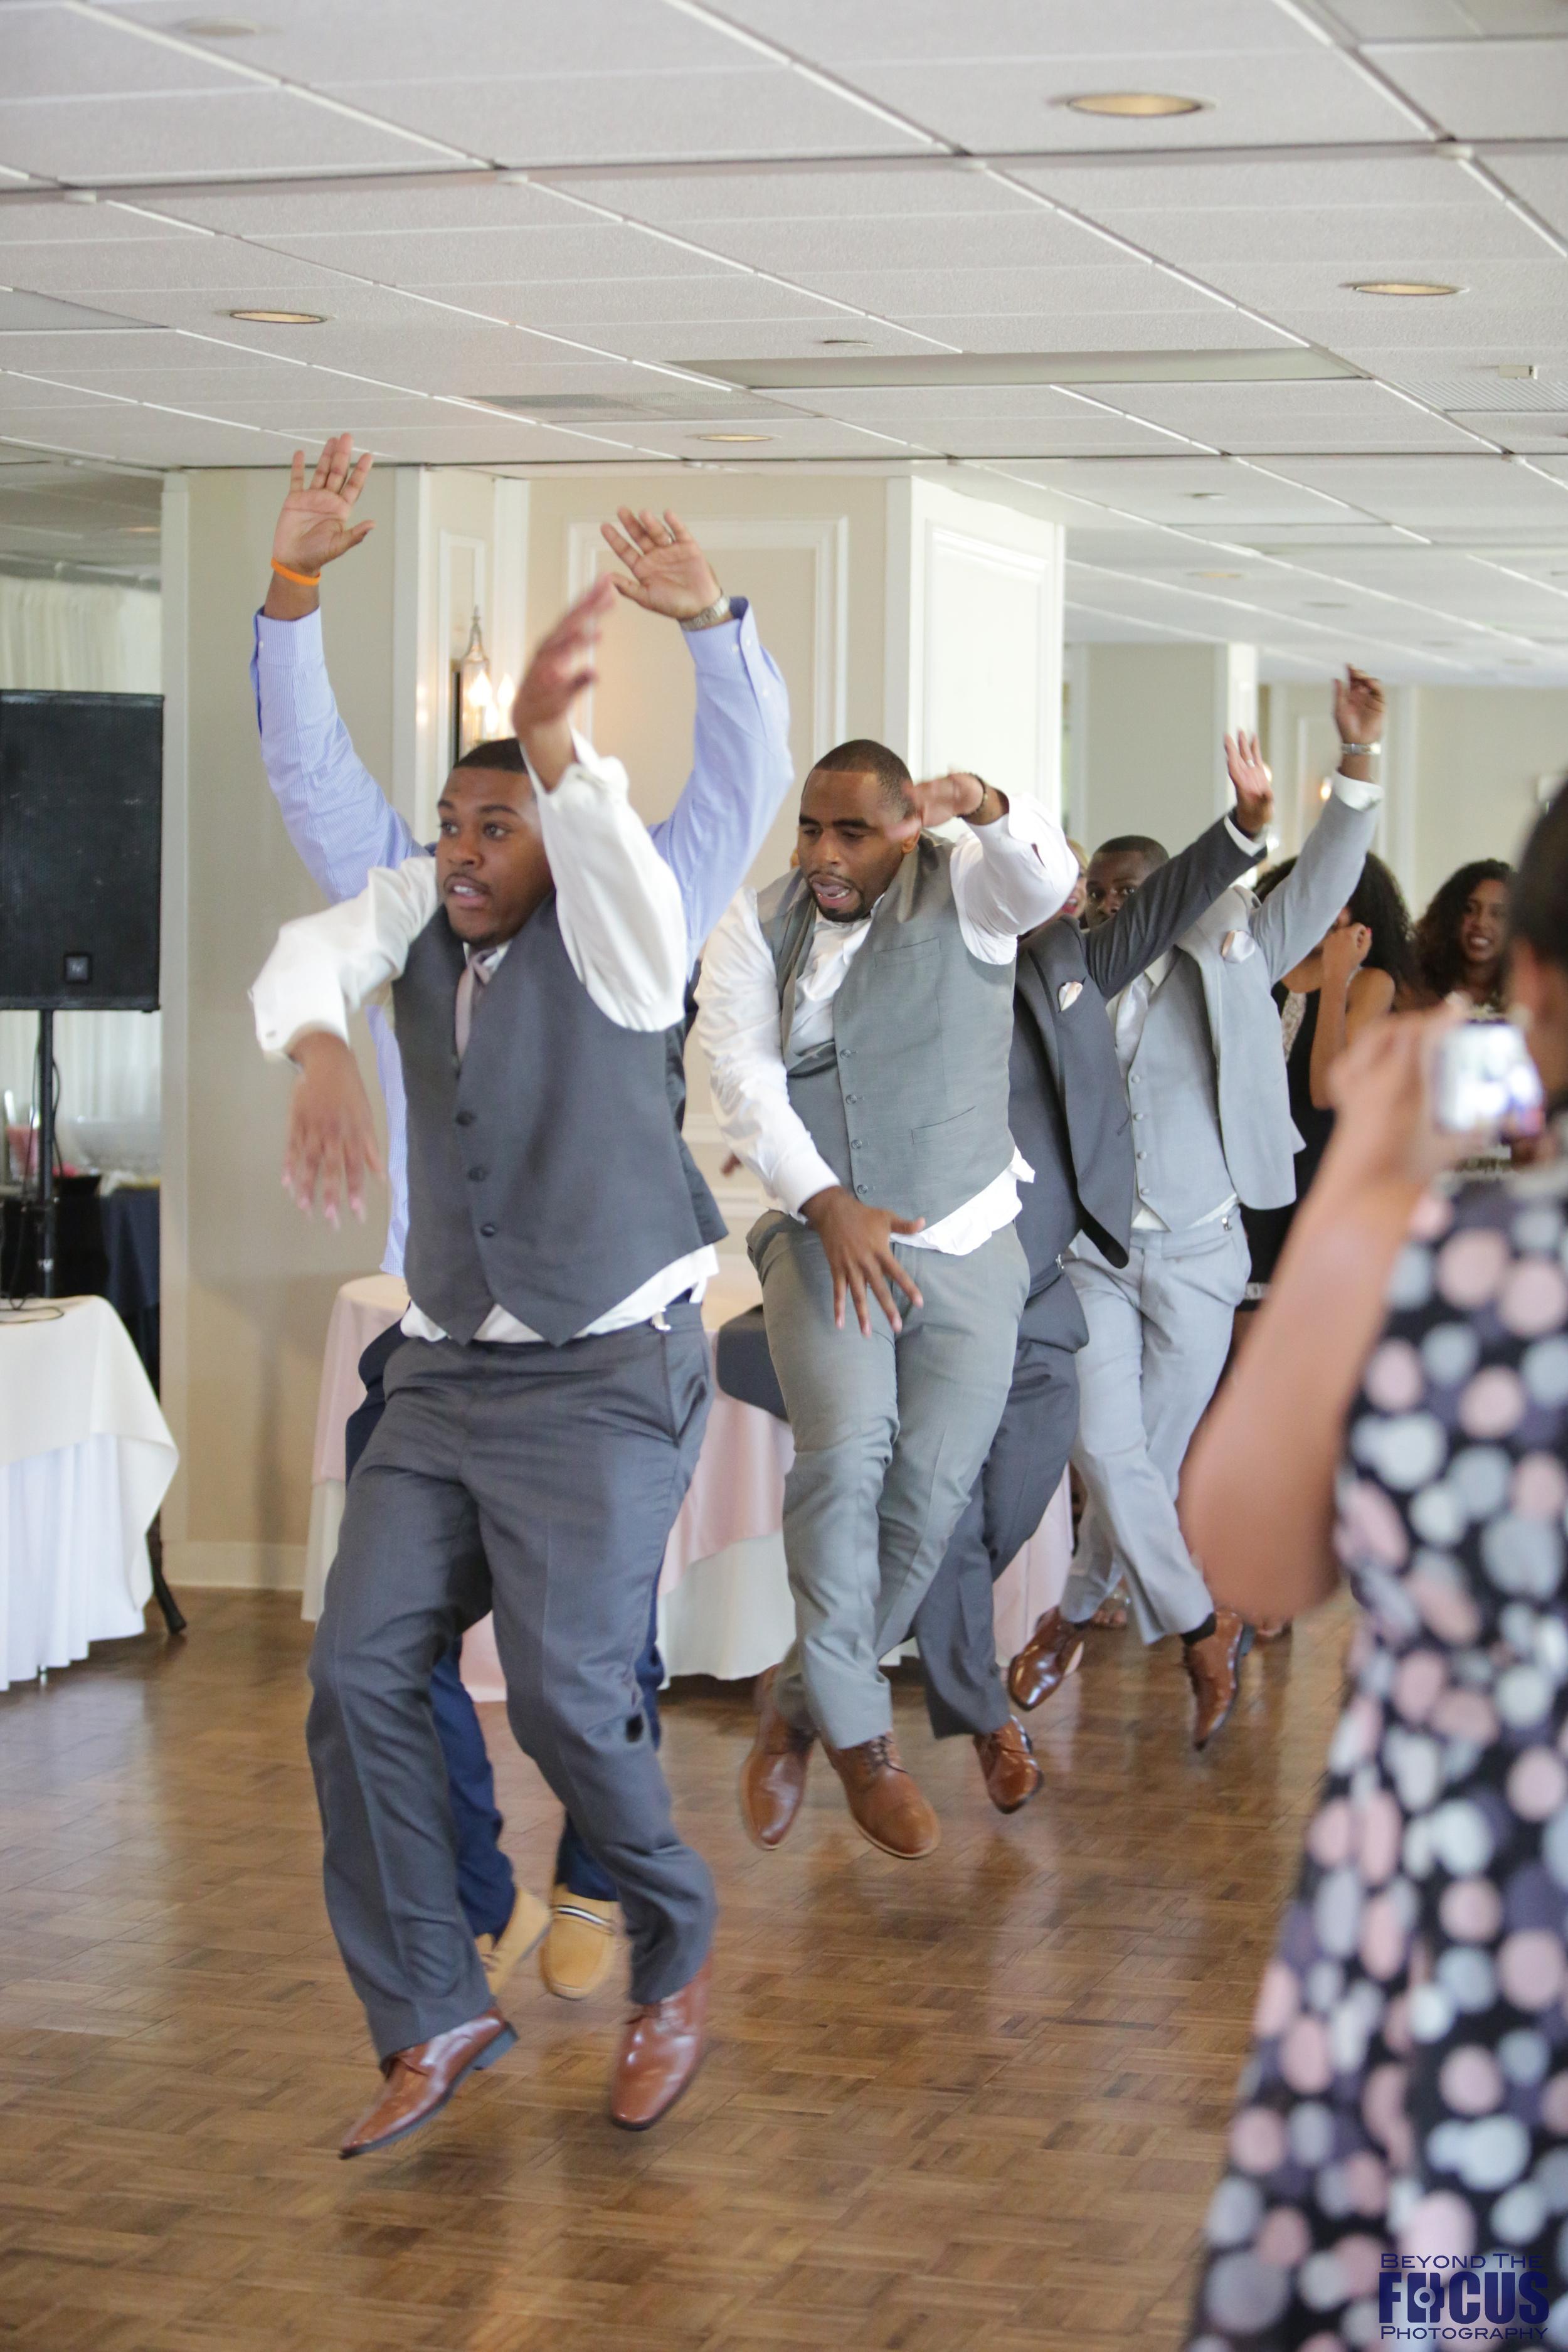 Palmer Wedding - Reception 212.jpg